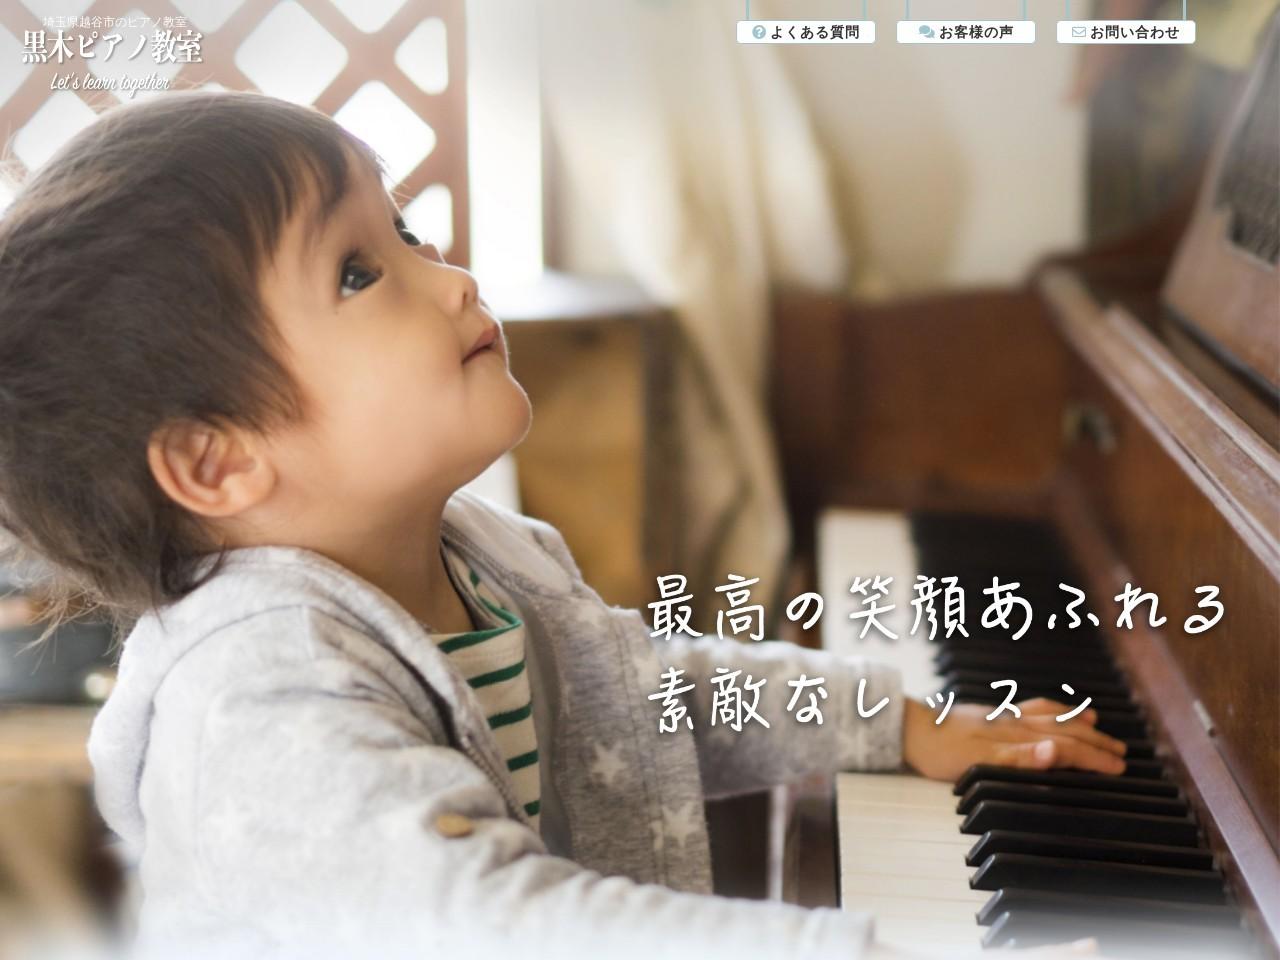 黒木ピアノ音楽教室のサムネイル